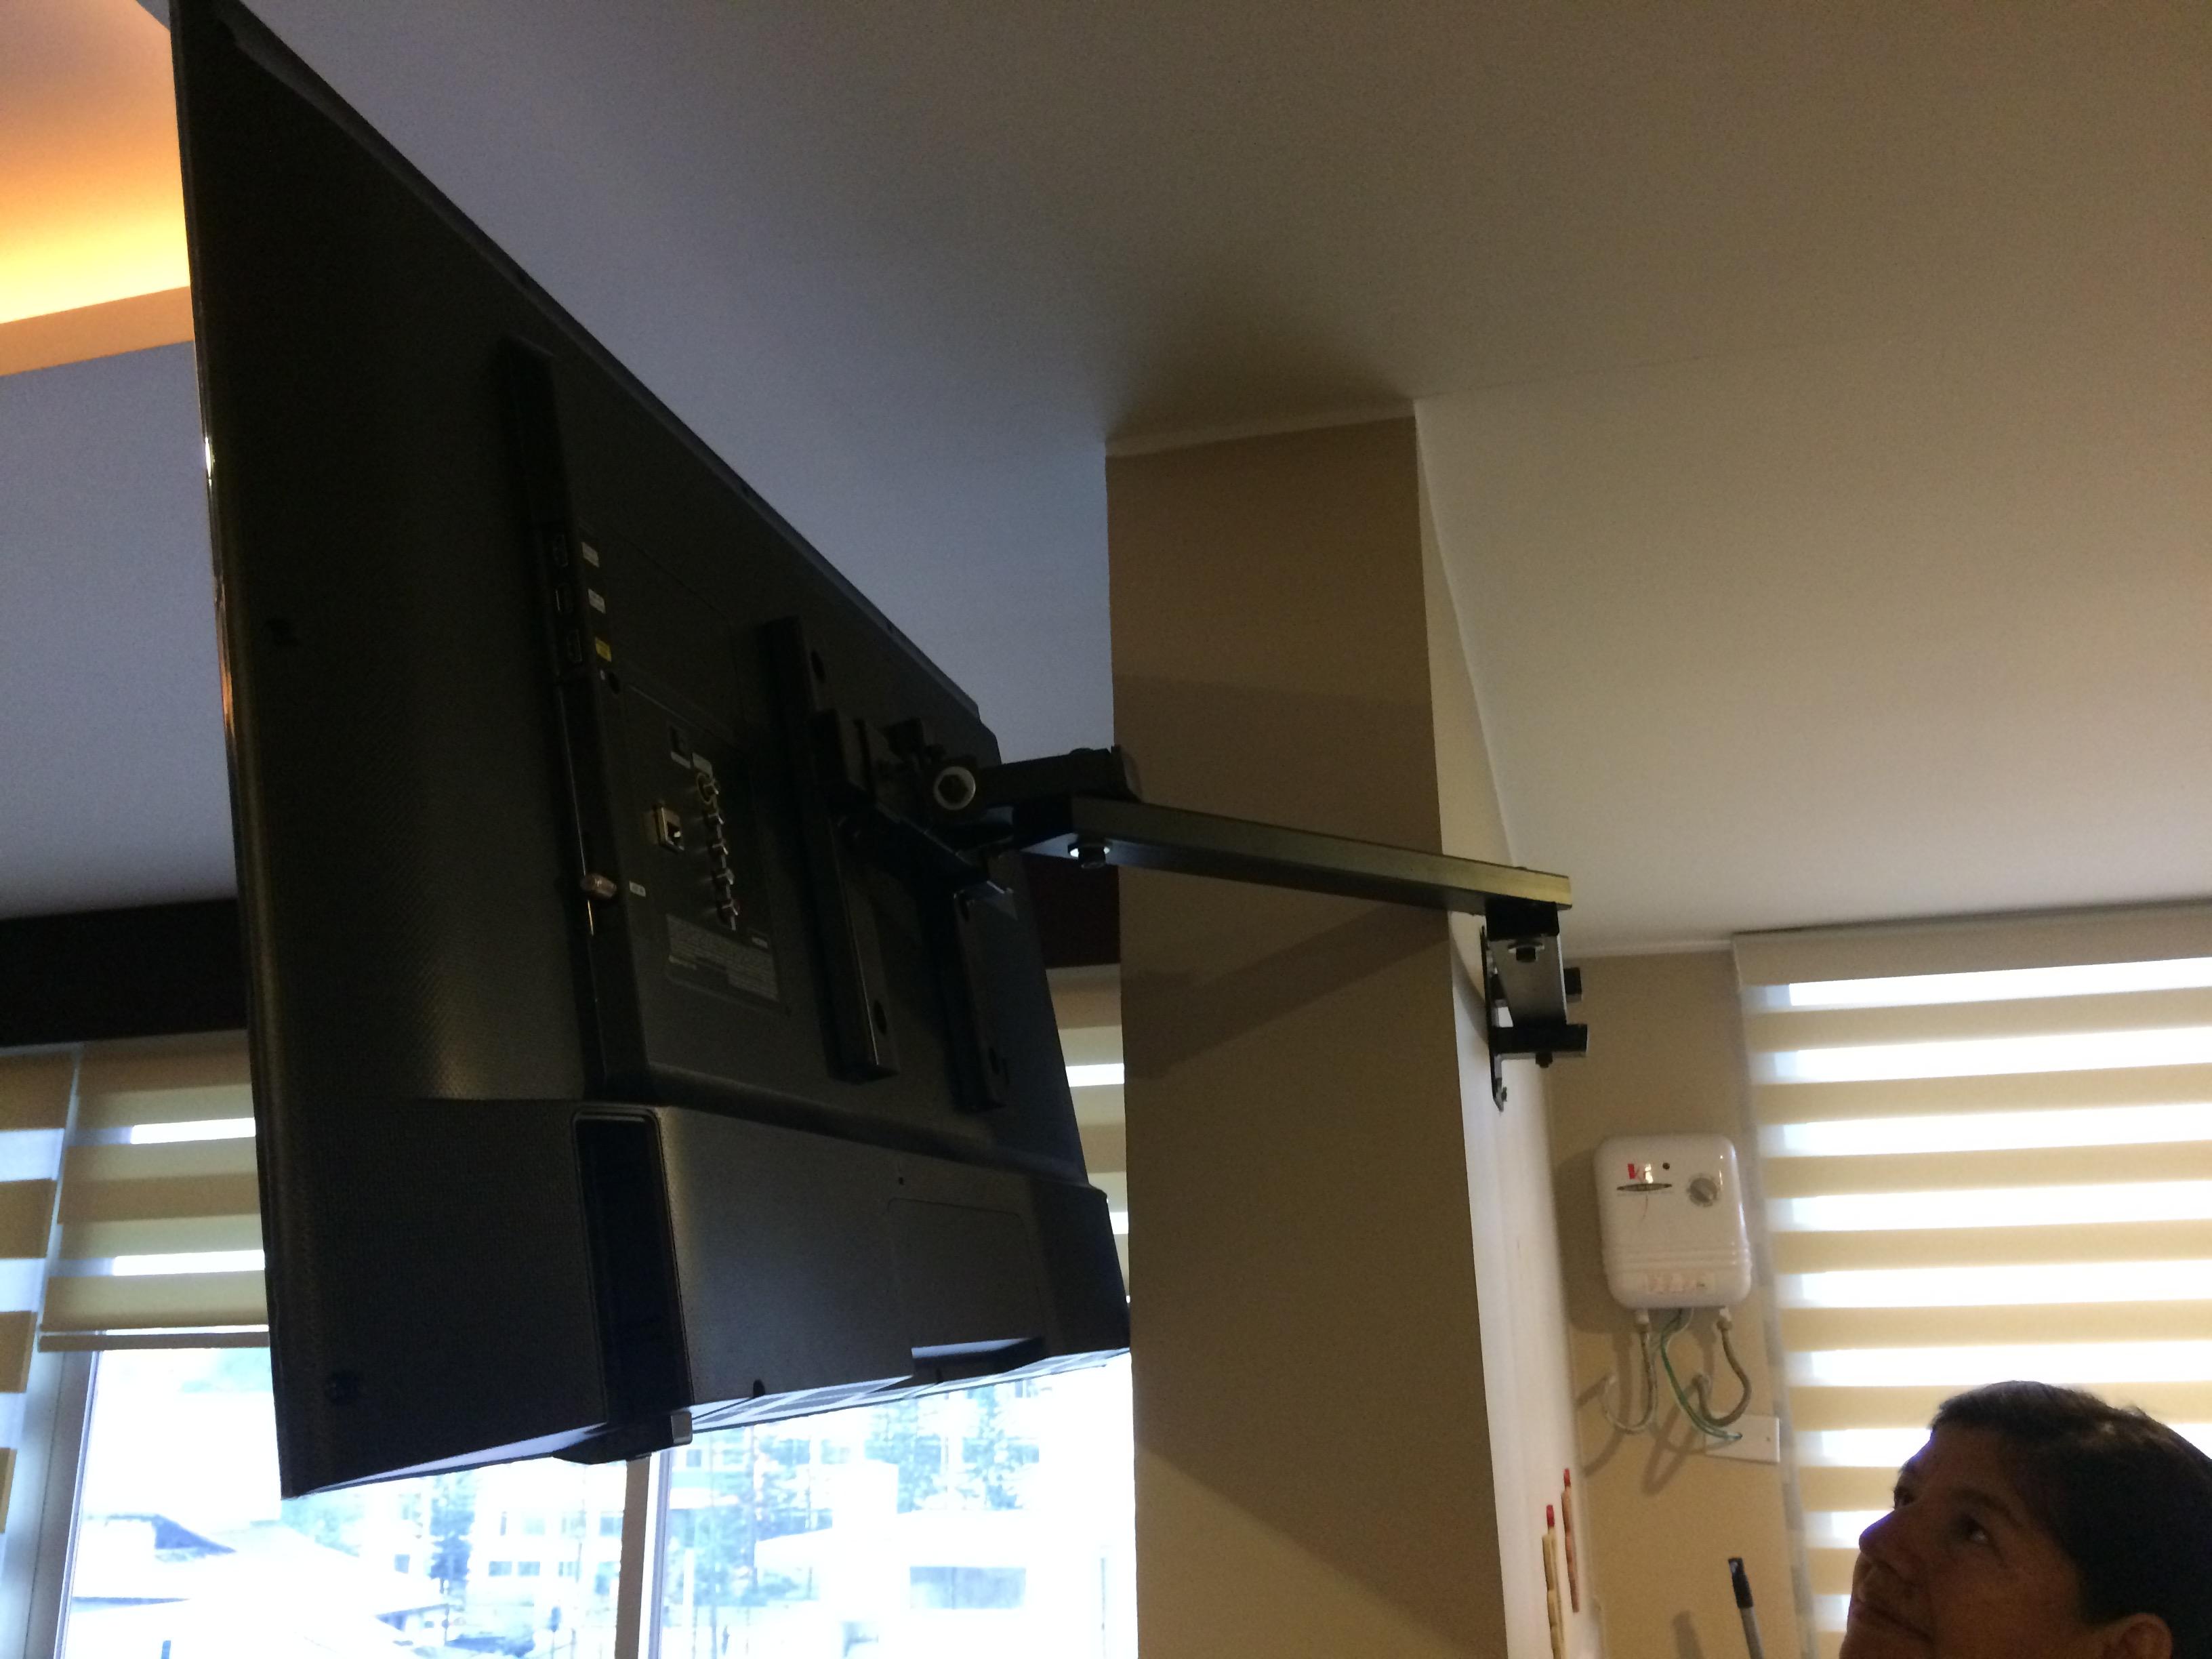 2387ded2a7c A-DAVINCI SOPORTES PARA TELEVISIÓN - Soportes para televisión